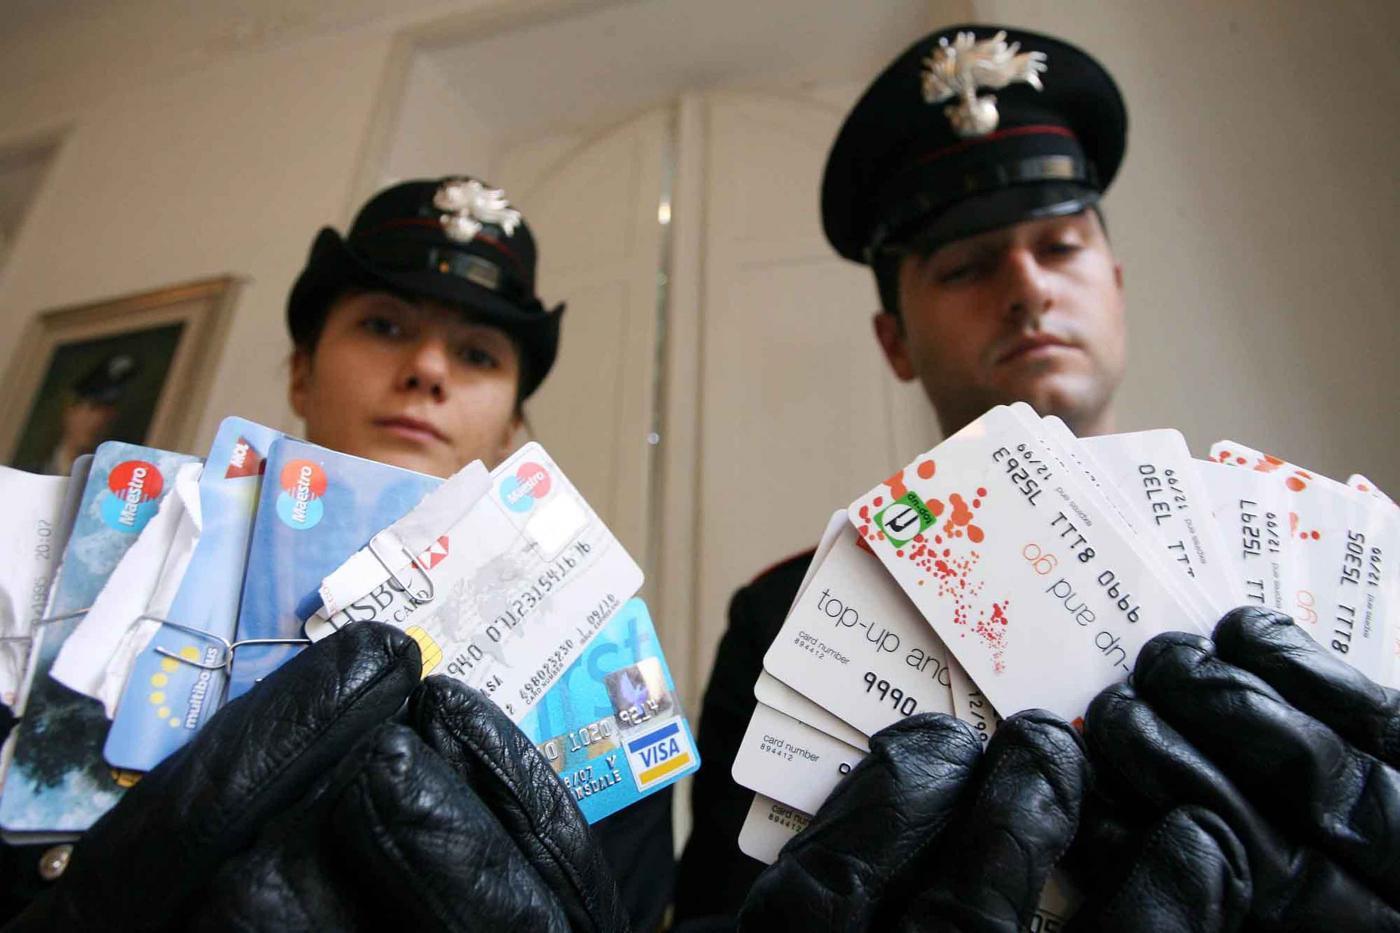 Truffe Bancomat, come clonano le carte di credito? Guida contro i furti